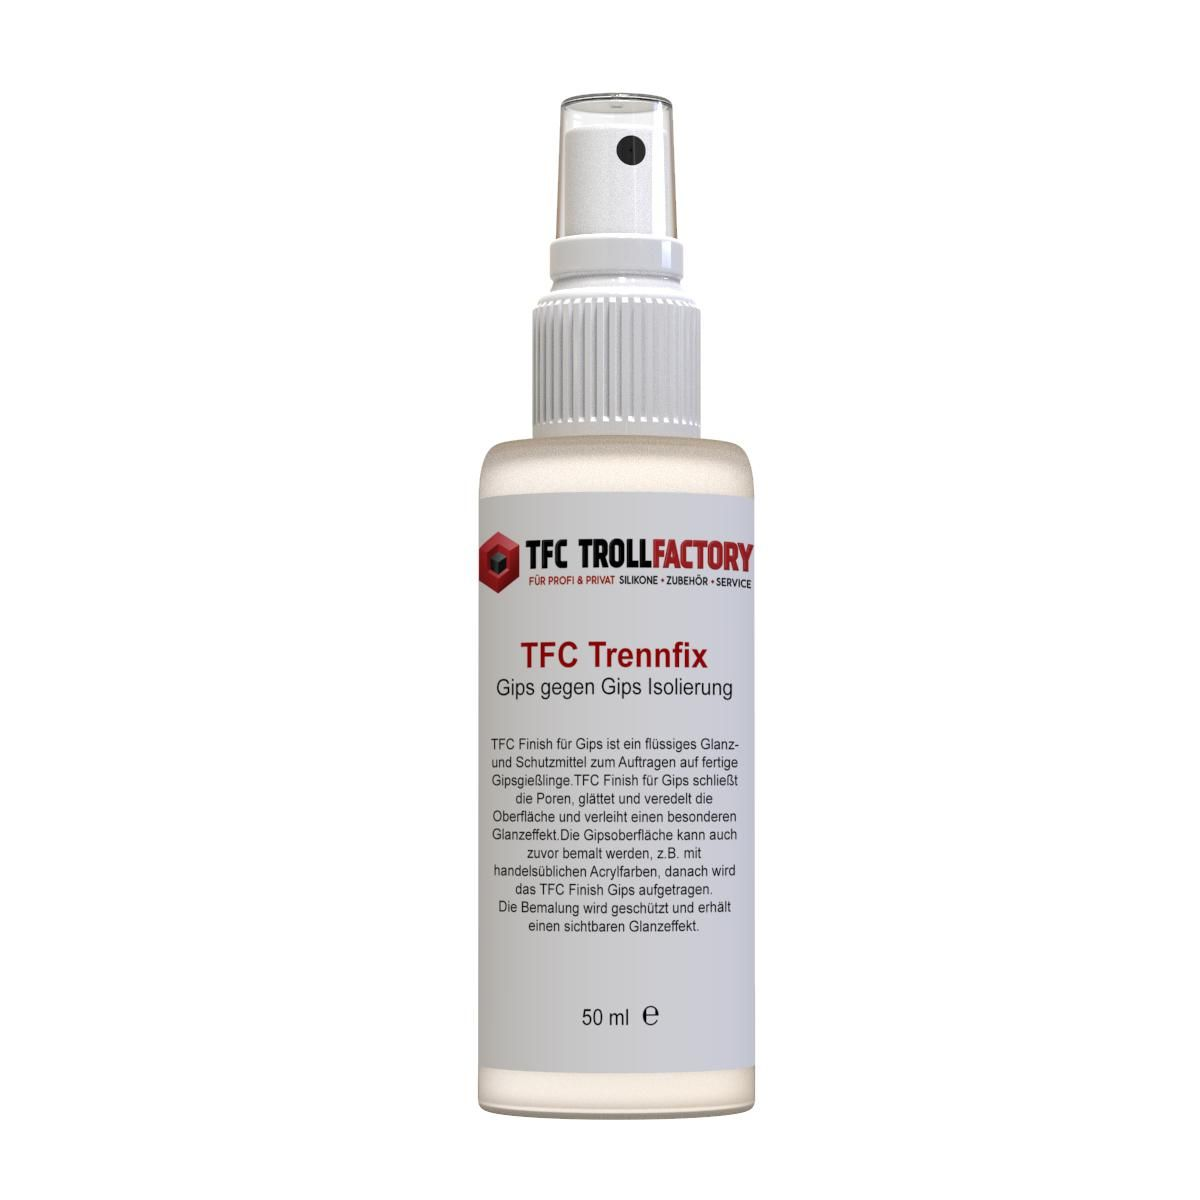 TFC Trennfix Gips Trennmittel Gips gegen Gips Isolierung 50ml